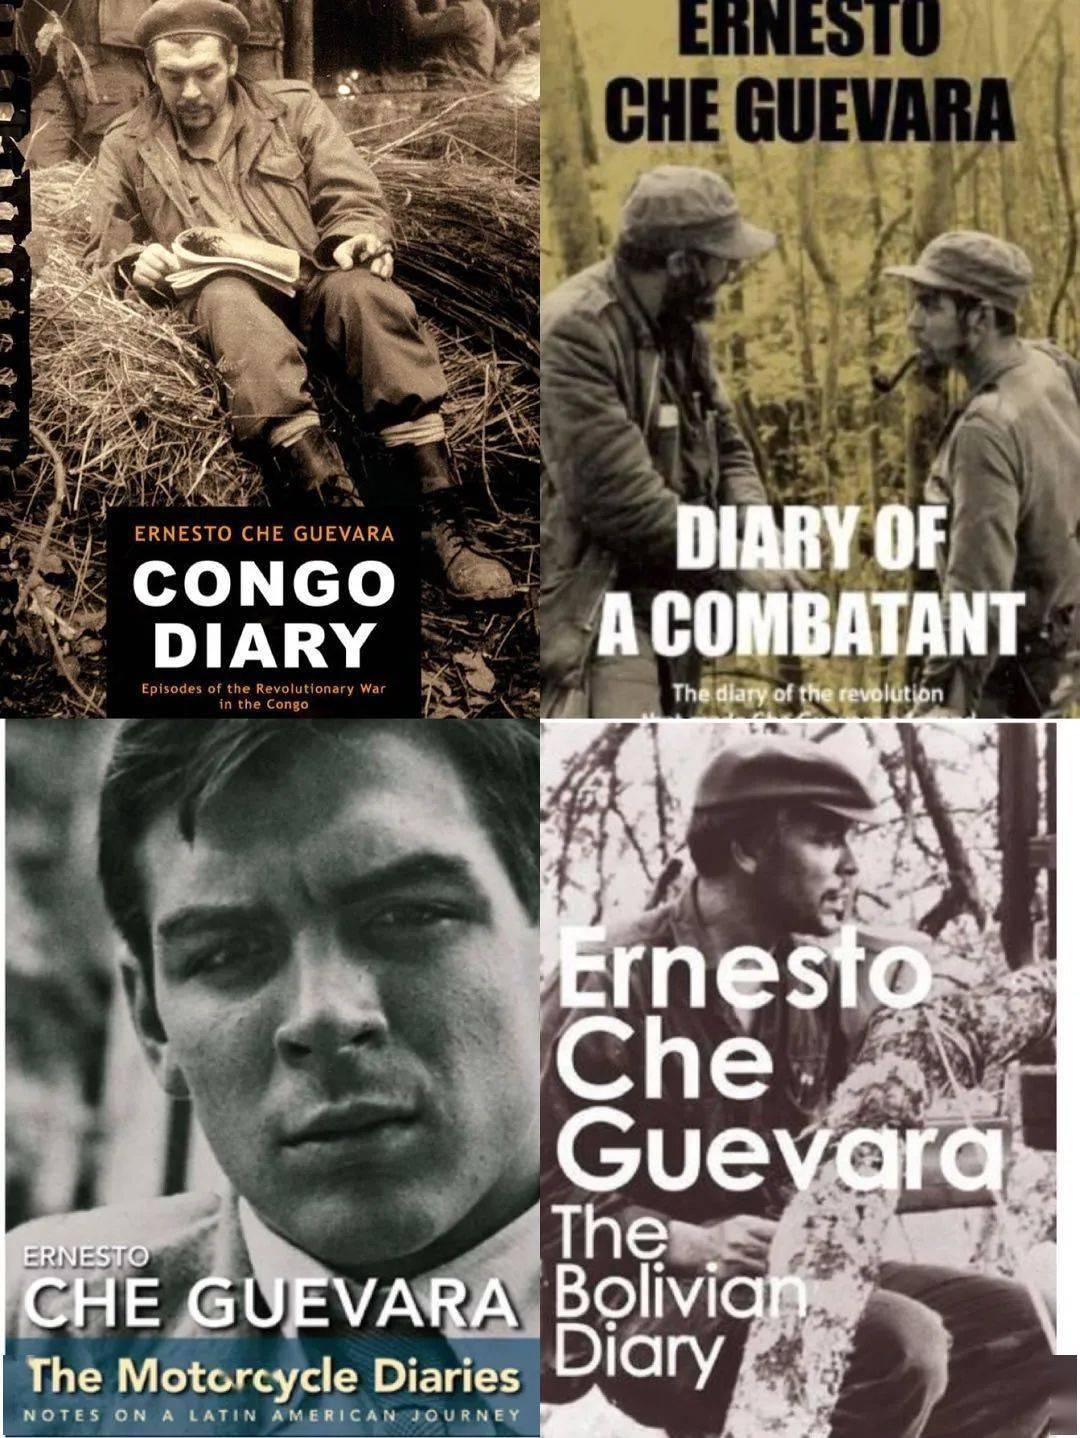 切·格瓦拉太喜欢写日记了,从《摩托日记》一直写到《玻利维亚日记》